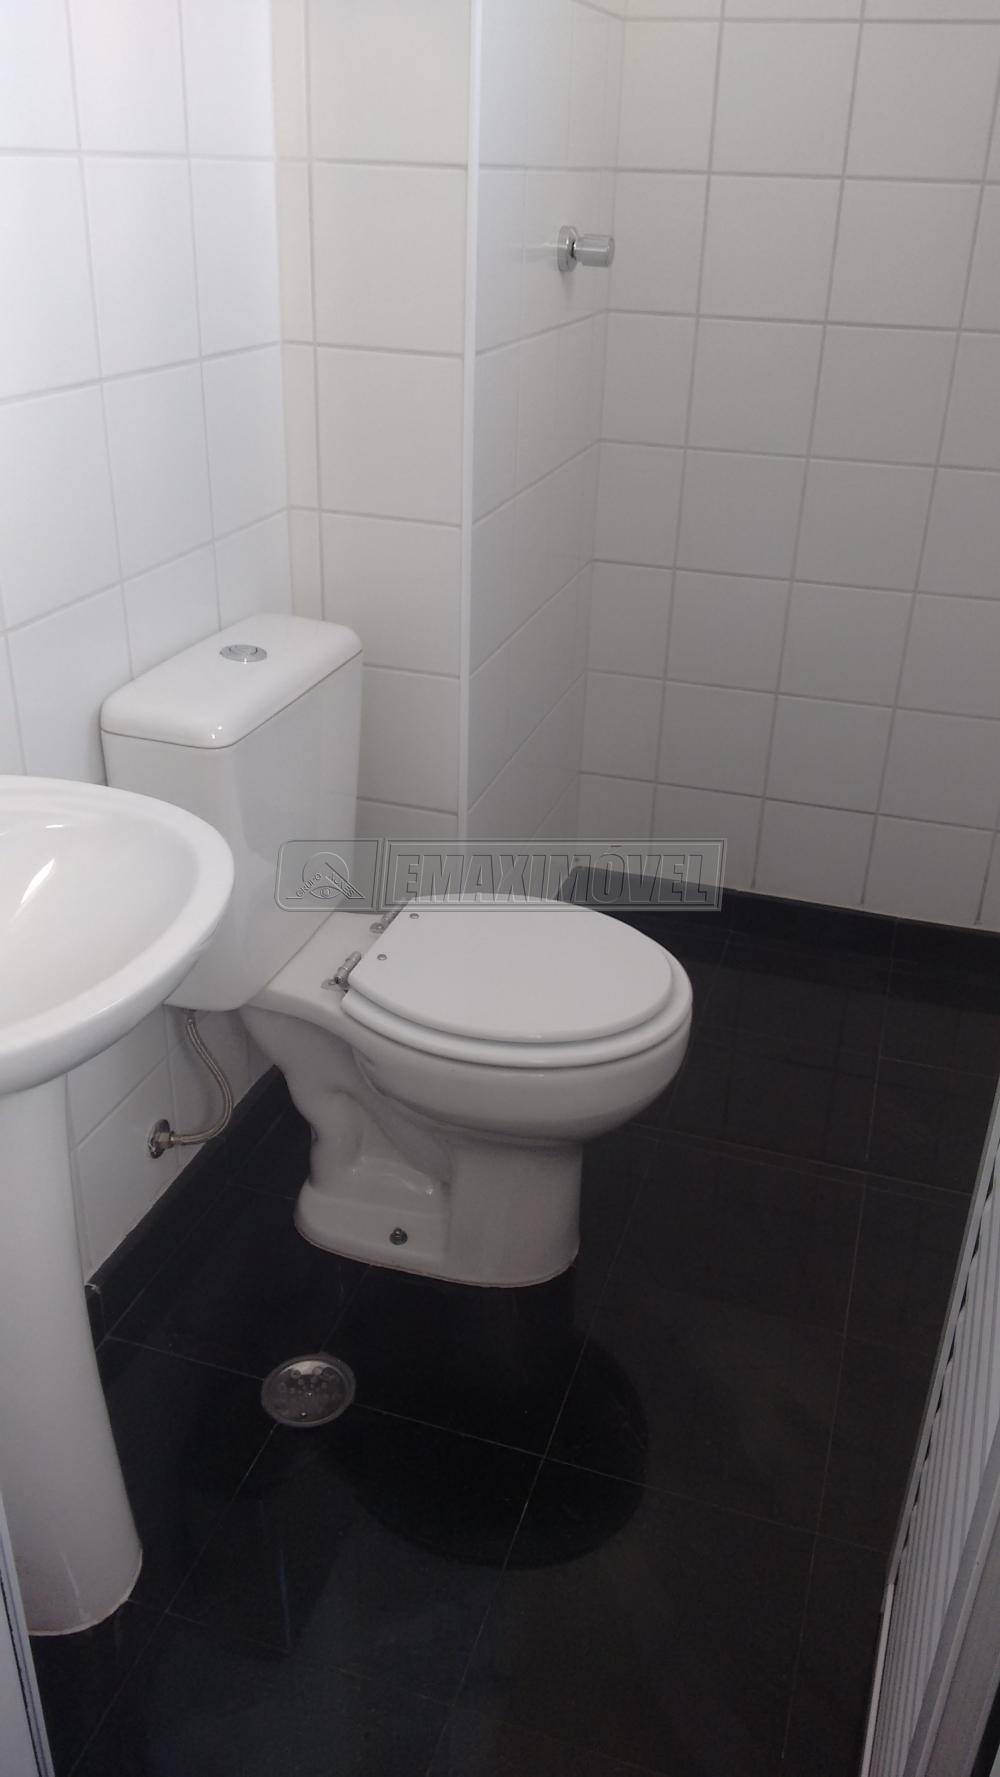 Comprar Apartamentos / Apto Padrão em Sorocaba apenas R$ 1.400.000,00 - Foto 38